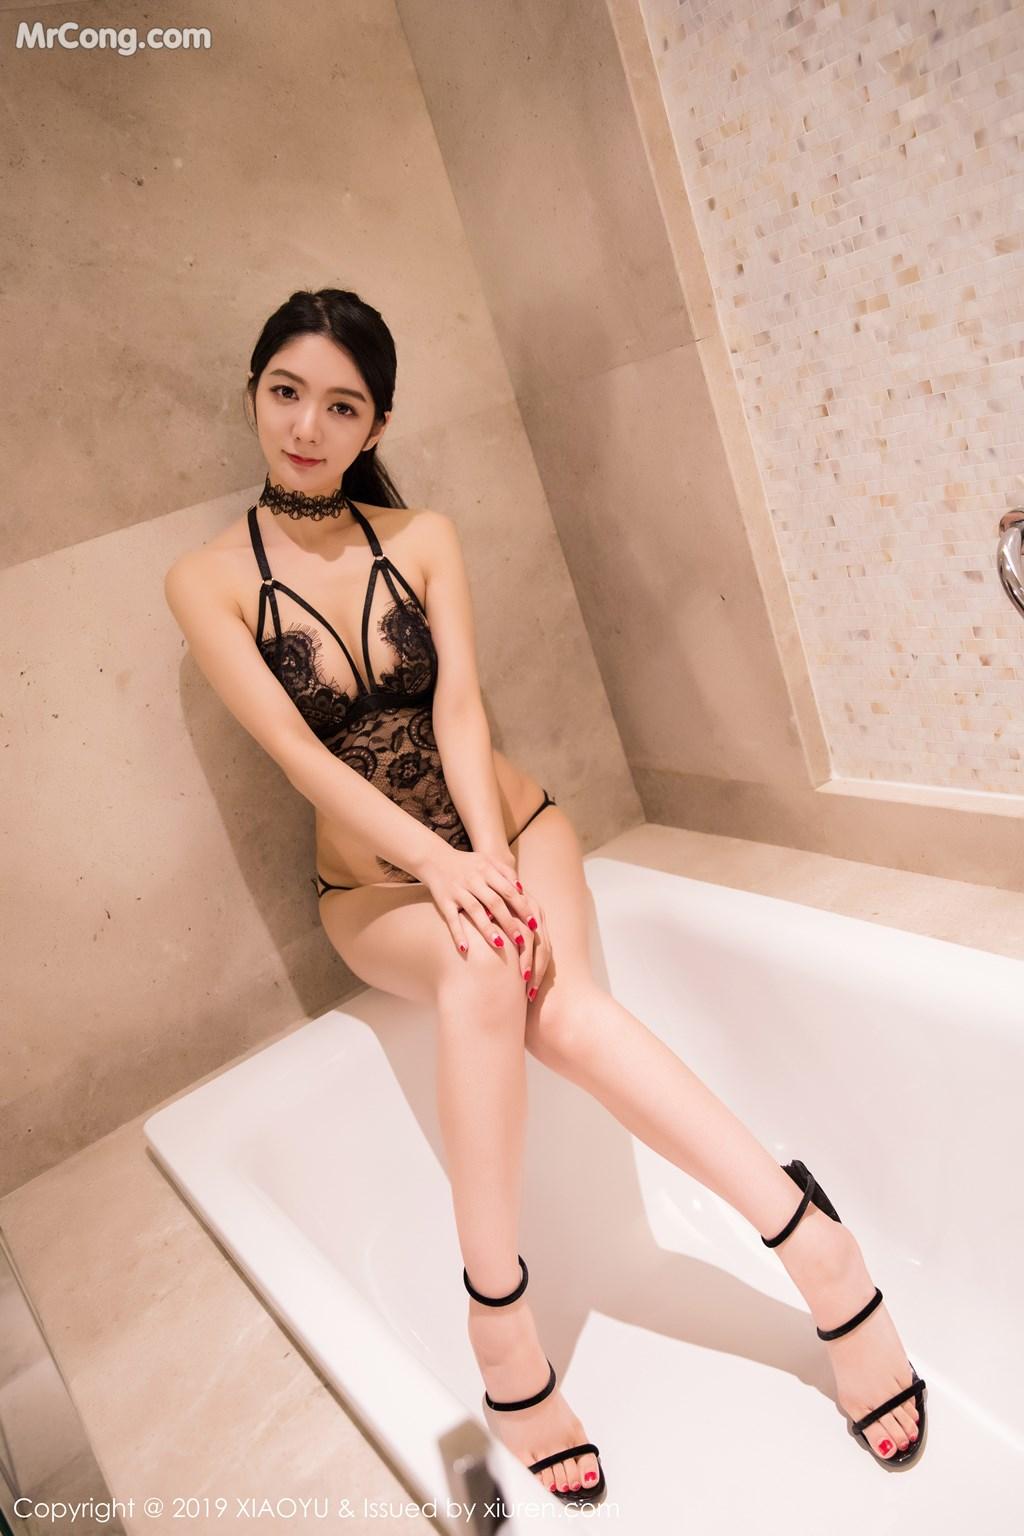 Image XiaoYu-Vol.041-Xiao-Reba-Angela-MrCong.com-035 in post XiaoYu Vol.041: Xiao Reba (Angela喜欢猫) (43 ảnh)